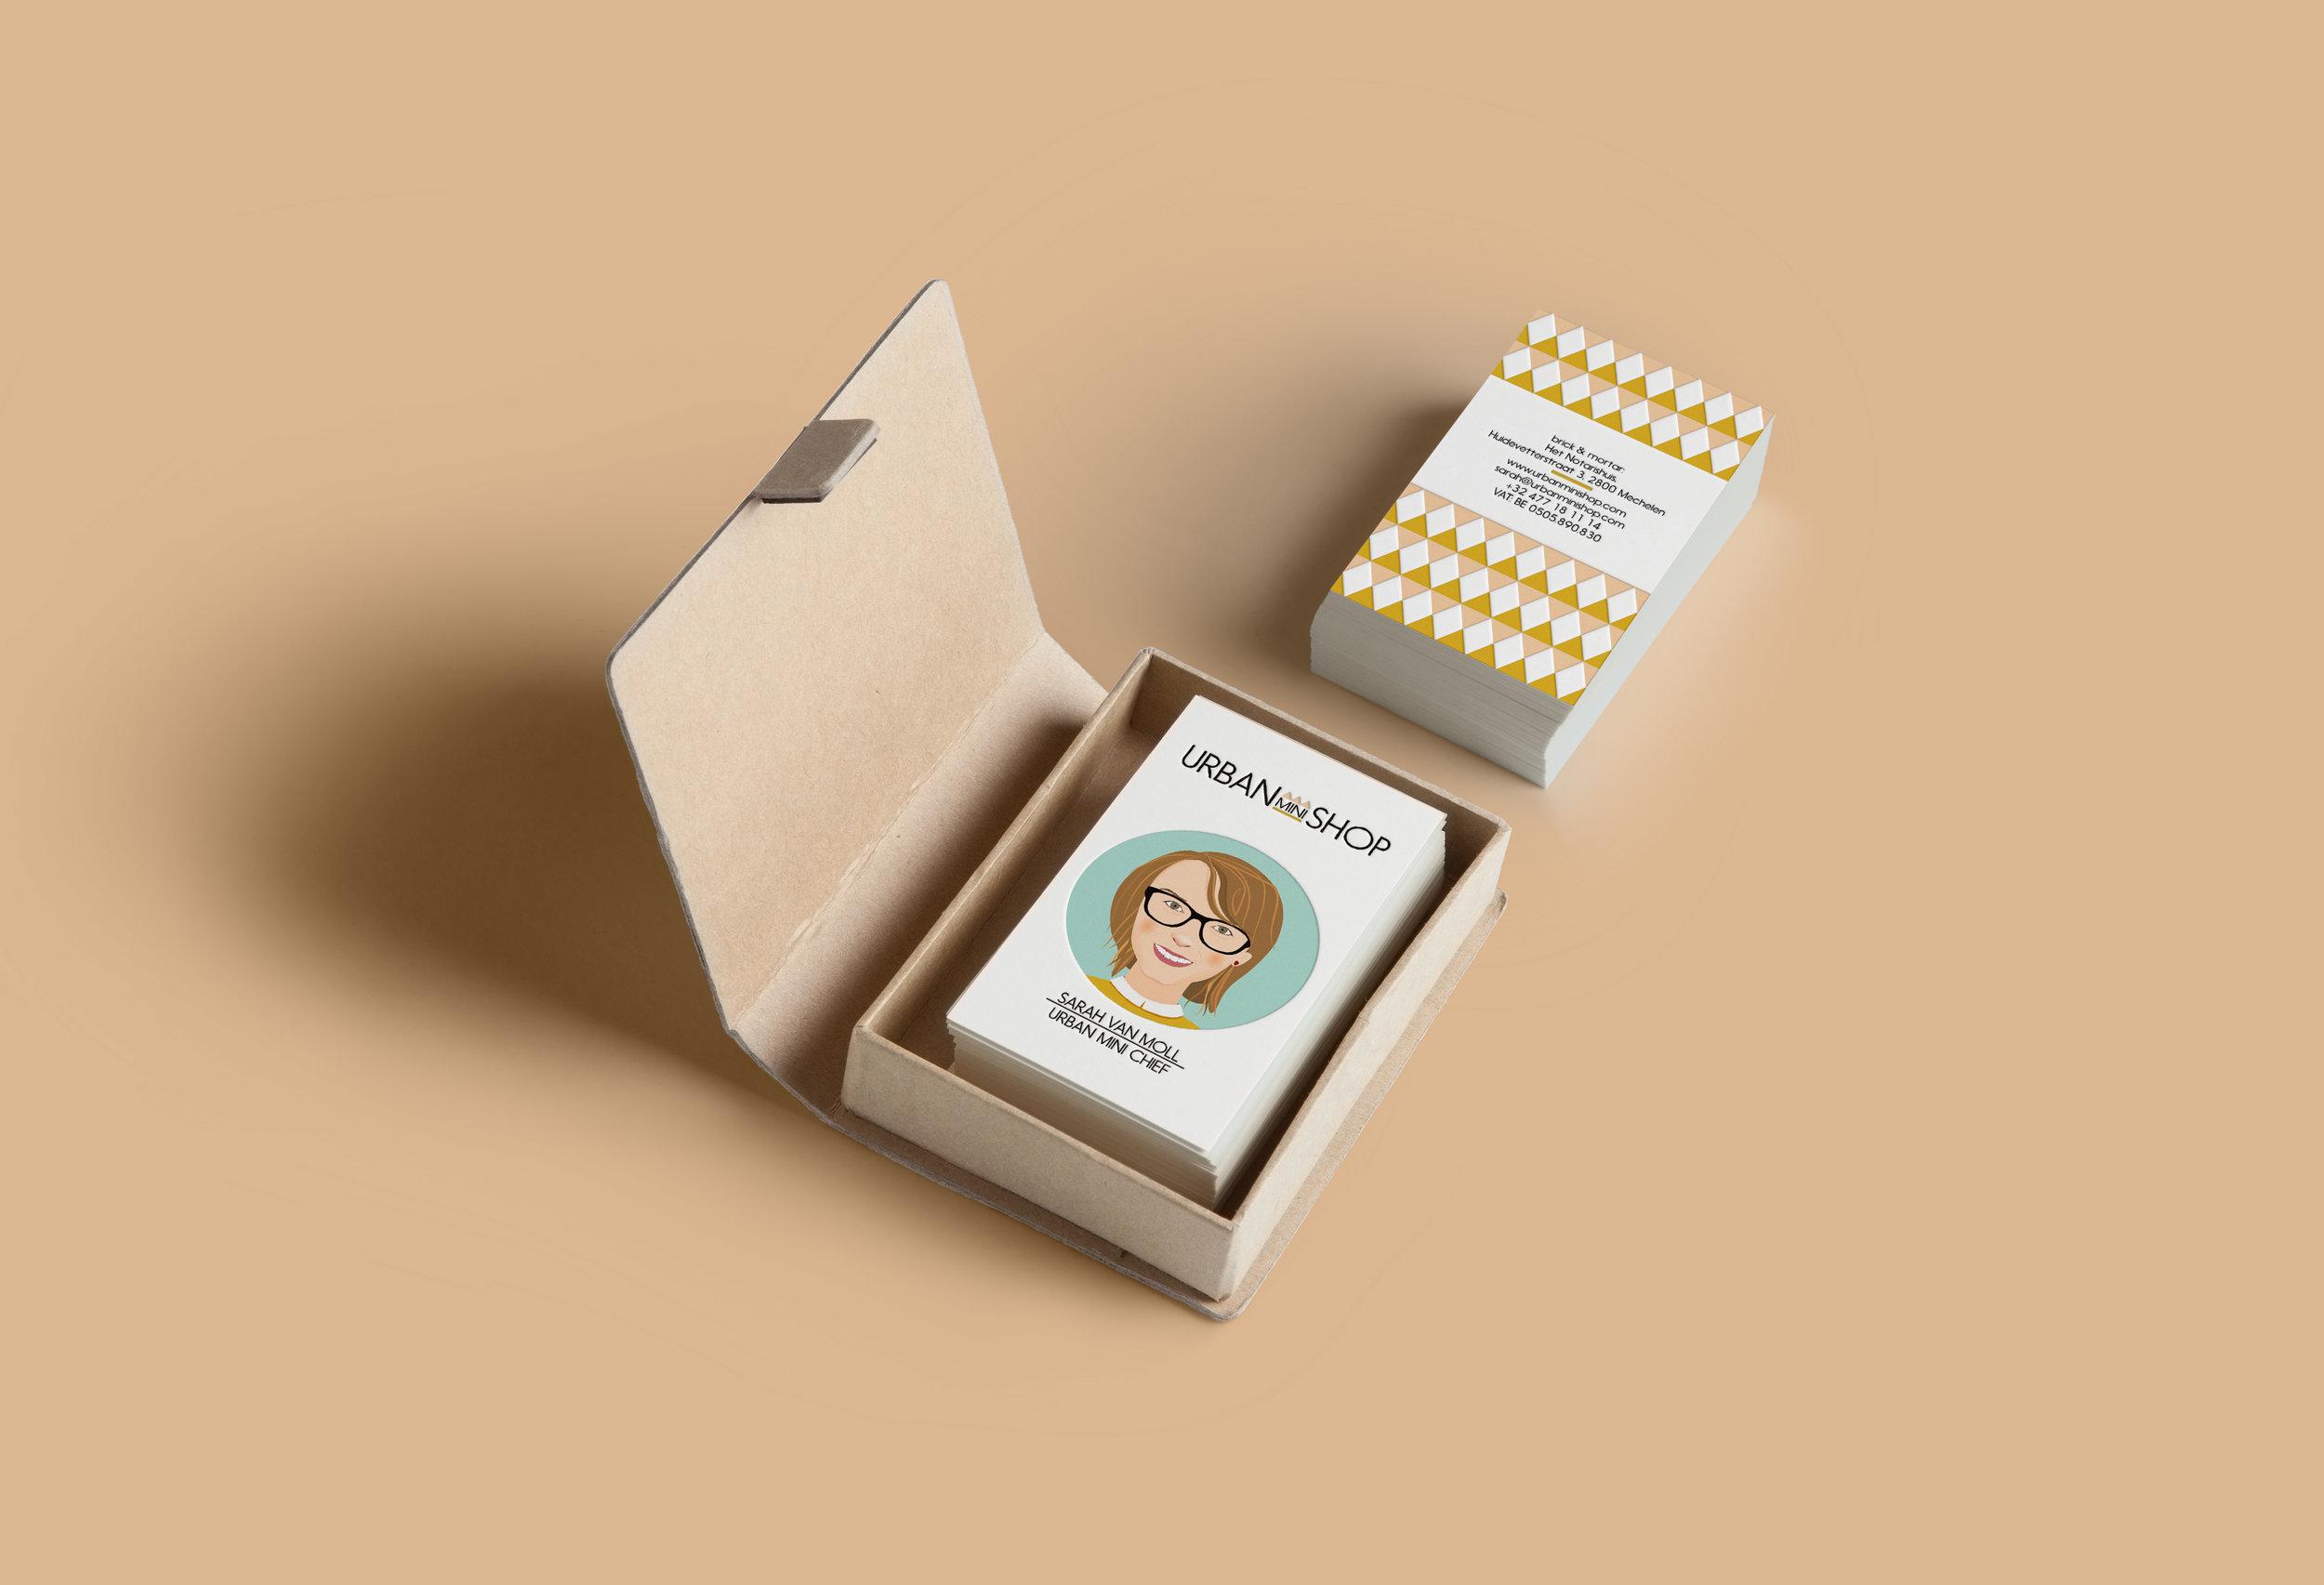 naamkaart-urban-mini-shop.jpg